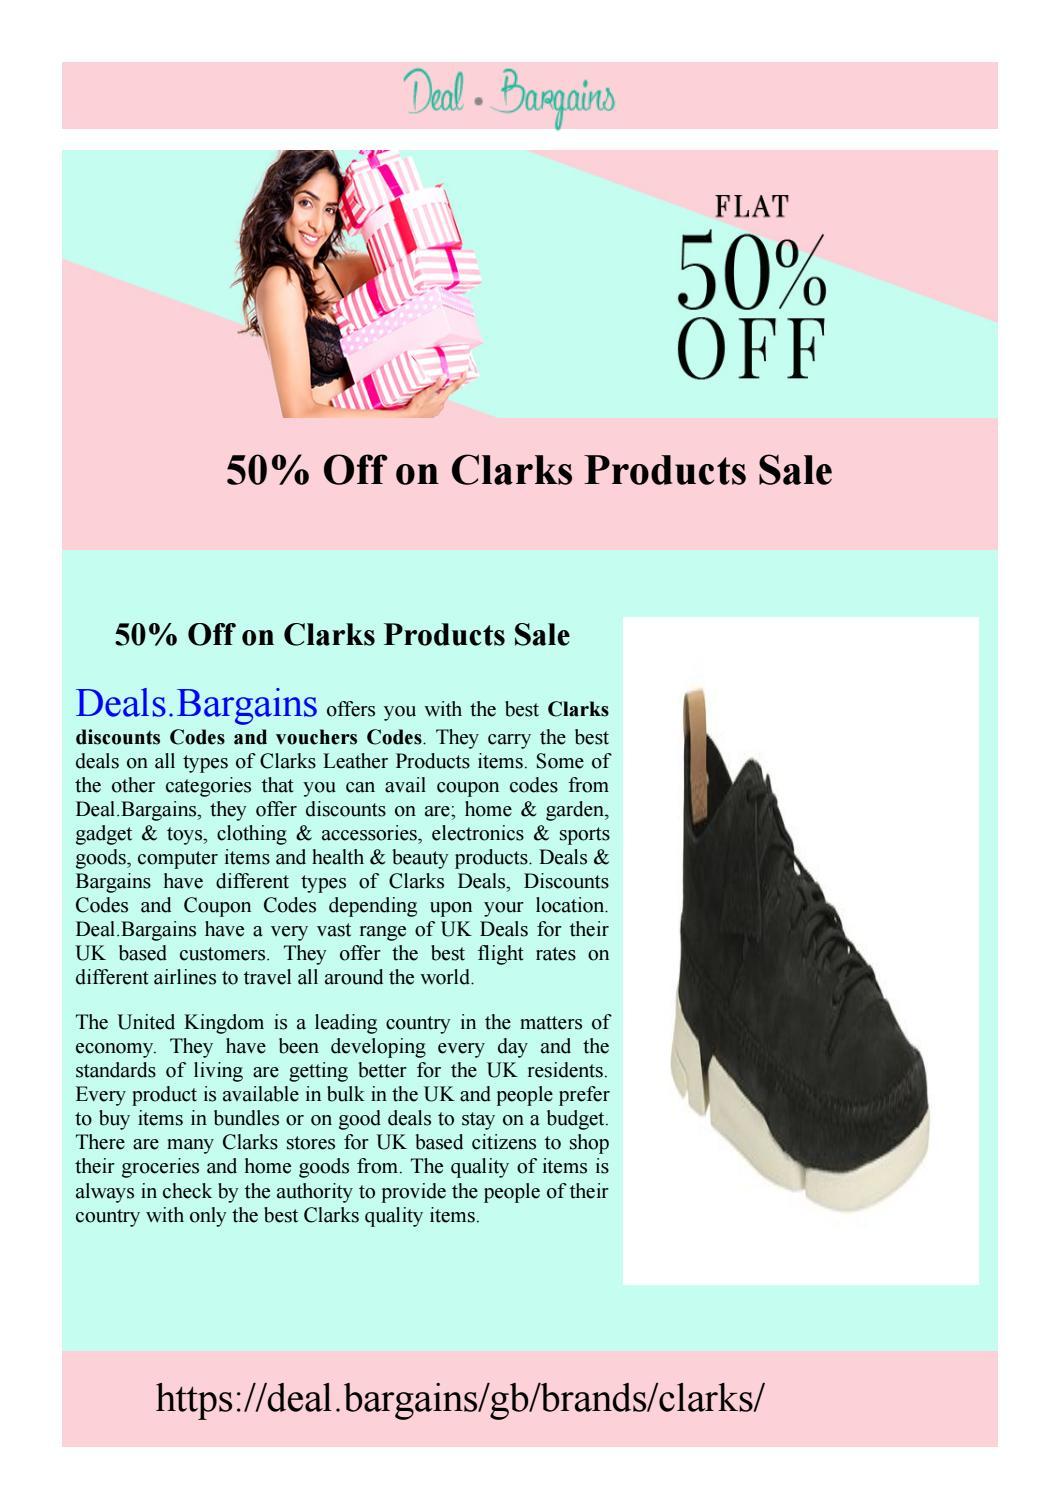 Clarks Voucher Codes - Best Clarks